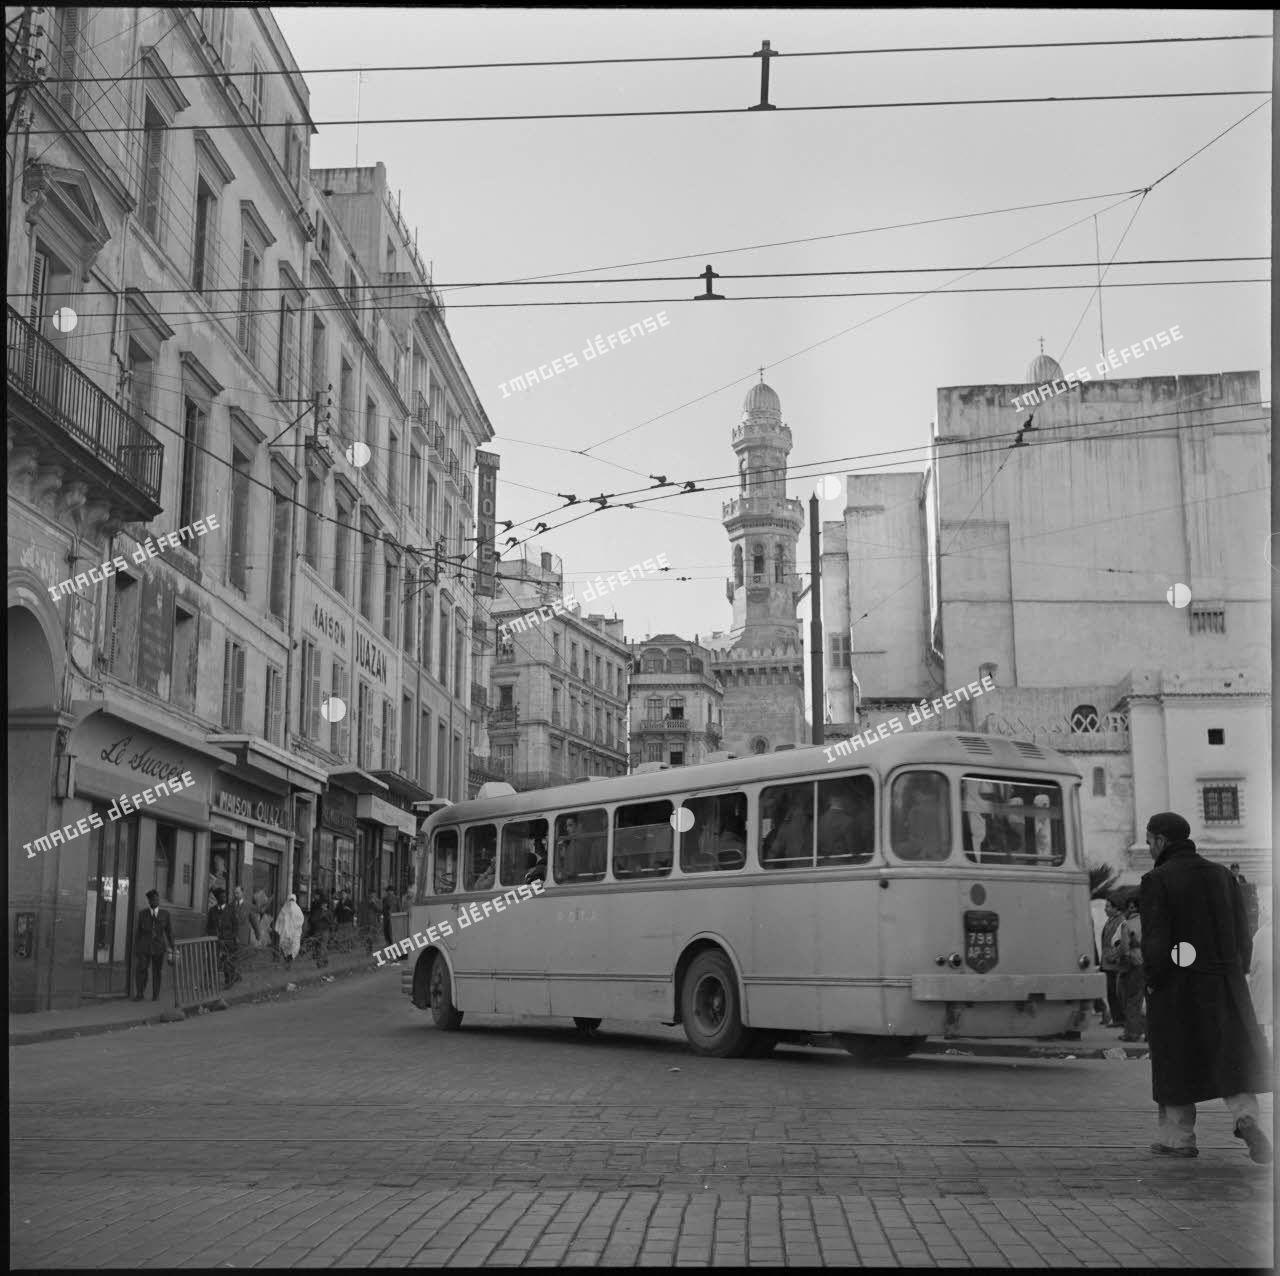 Vue d'une rue du quartier de la place du Gouvernement, Alger.